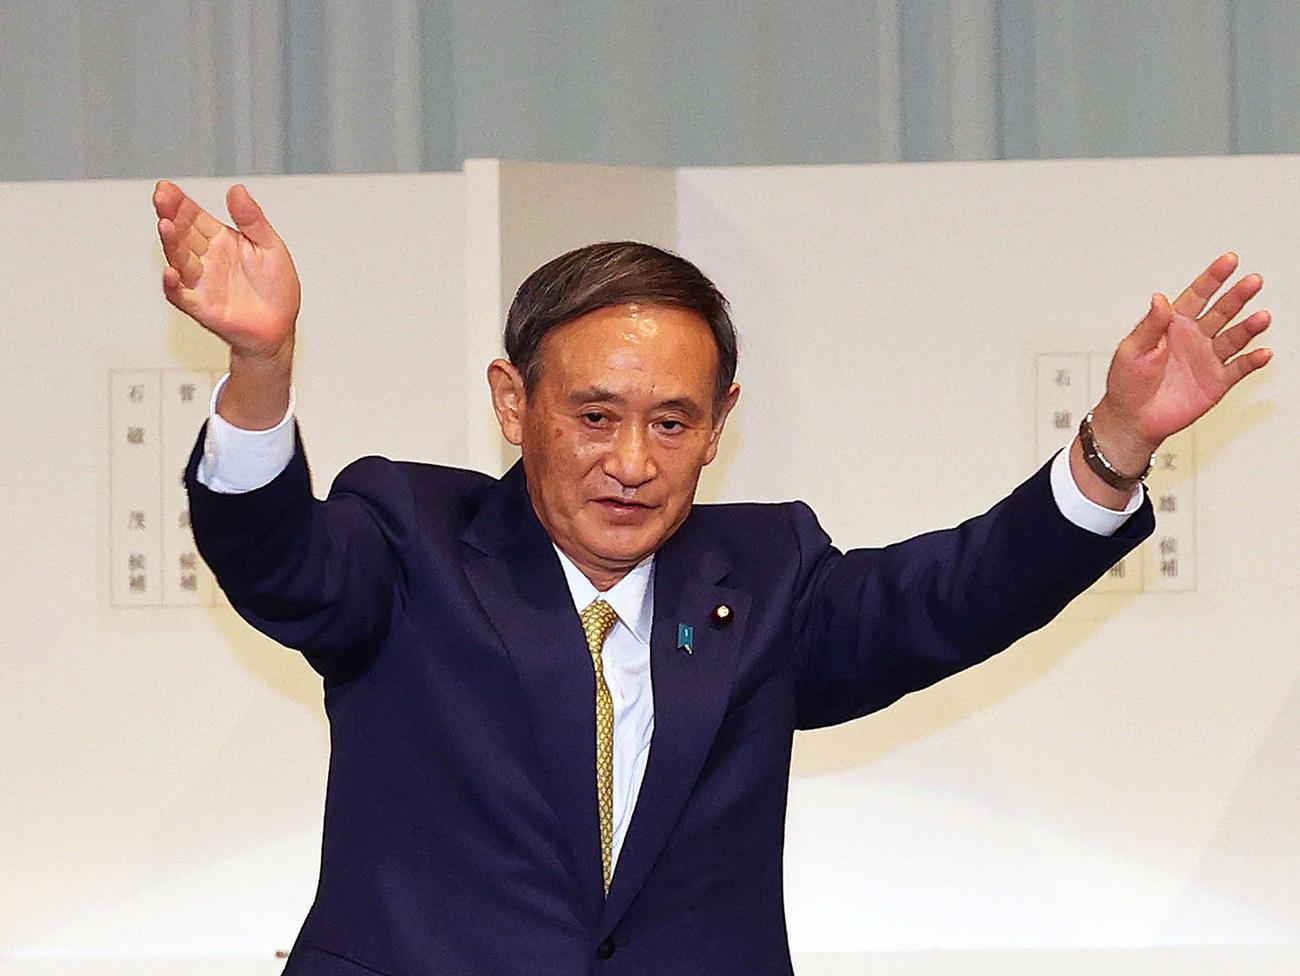 自民党第26代総裁に選出され、あいさつ後に手を振る菅義偉氏(2020年9月14日撮影)